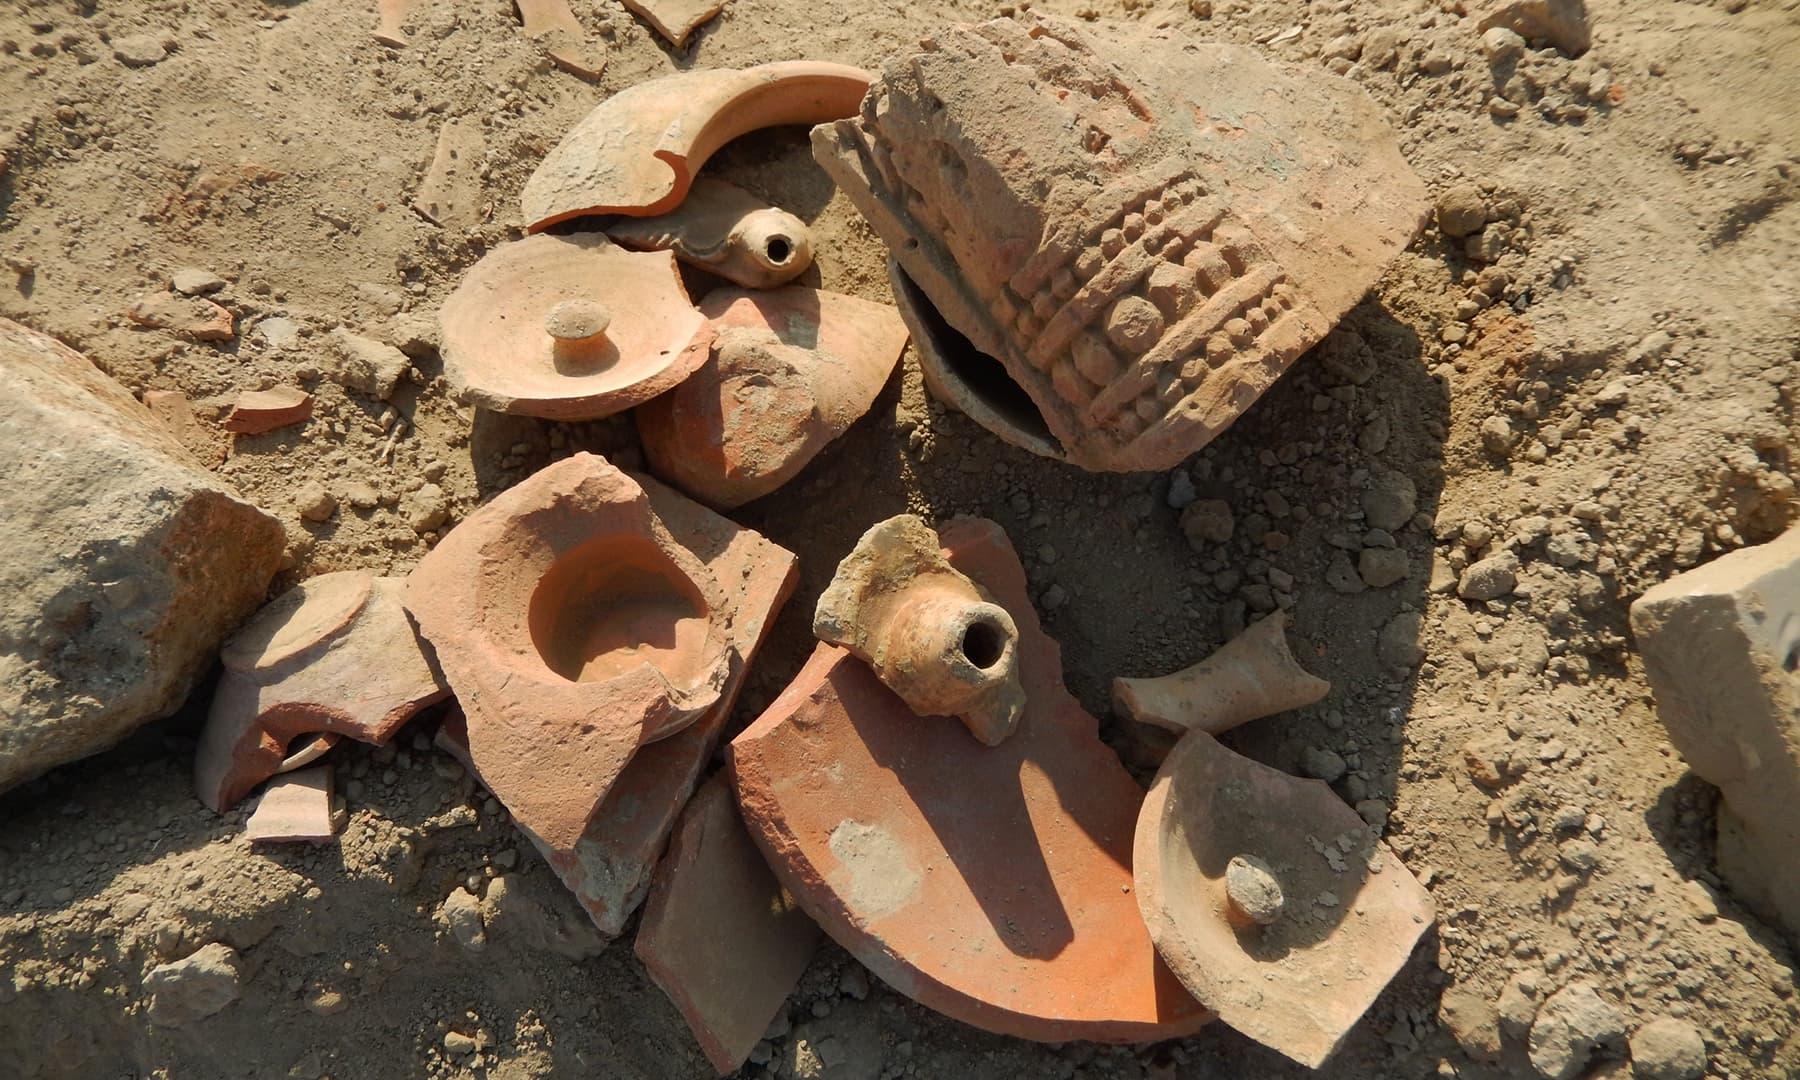 سائٹ پر کی گئی مقامی لوگوں کی کھدائی اور اس میں ملنے والے نوادرات — تصویر ابوبکر شیخ